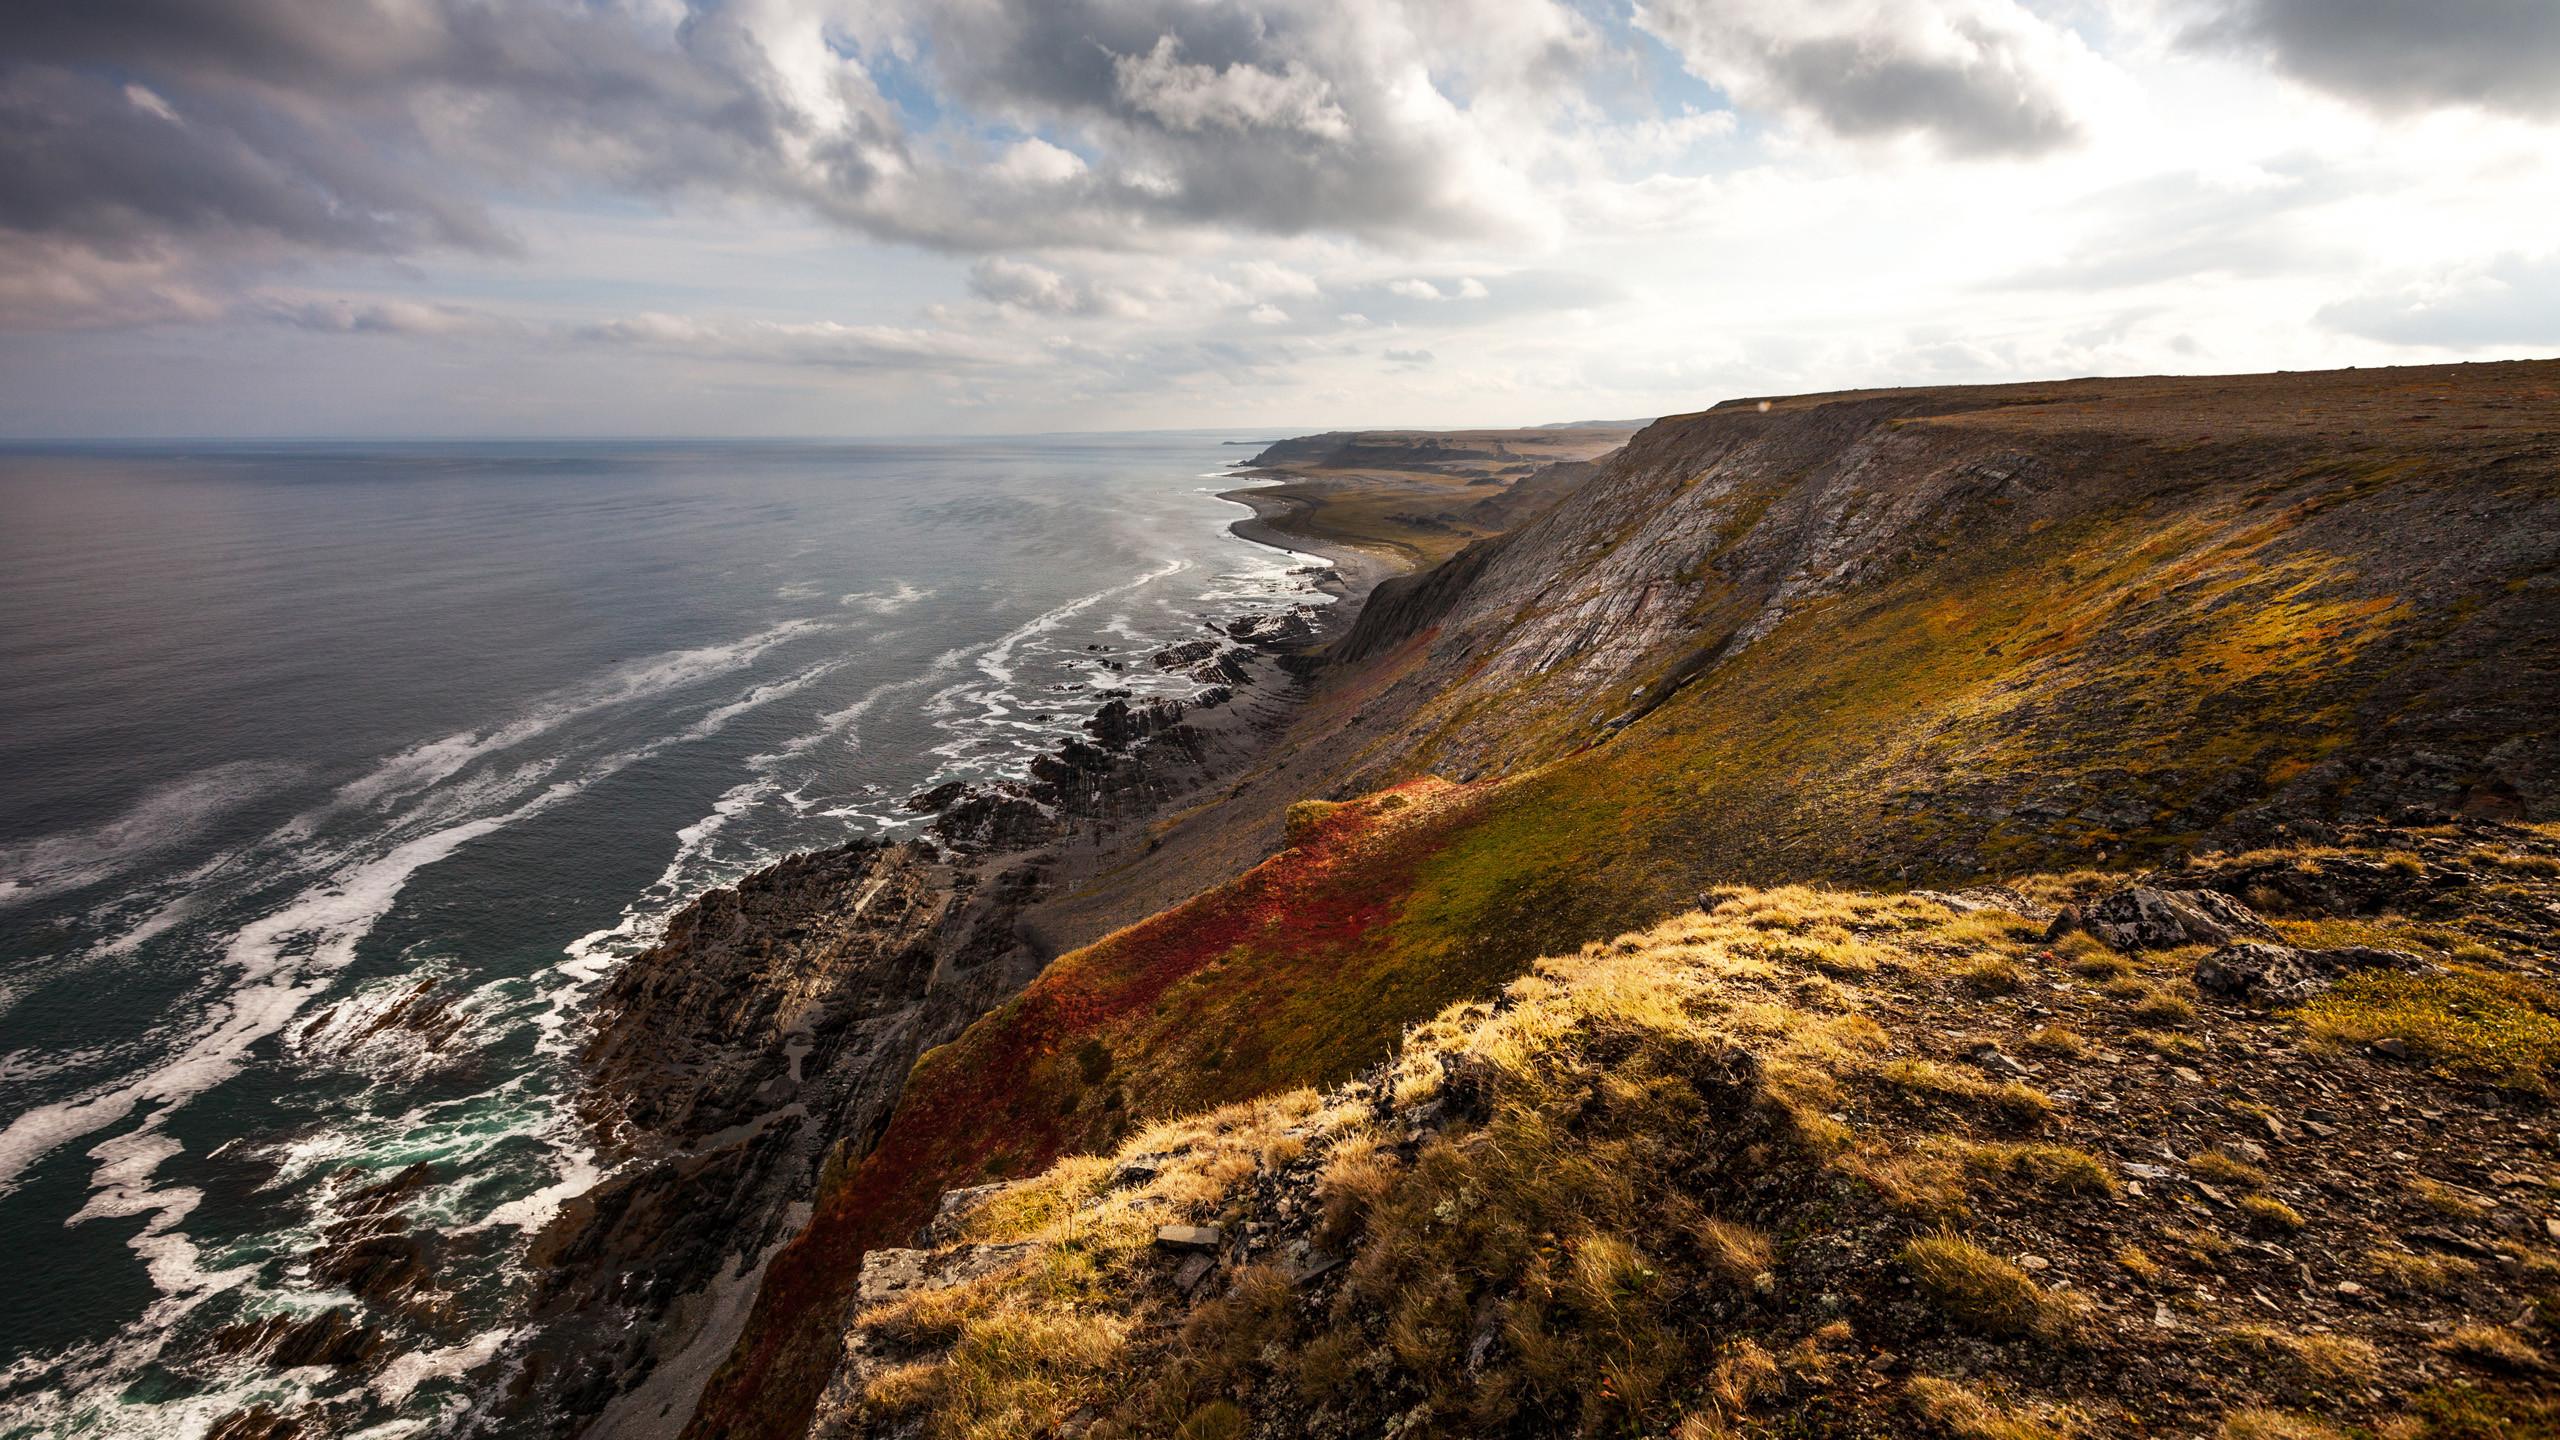 представителей кольский полуостров п песчаный фото фотограф